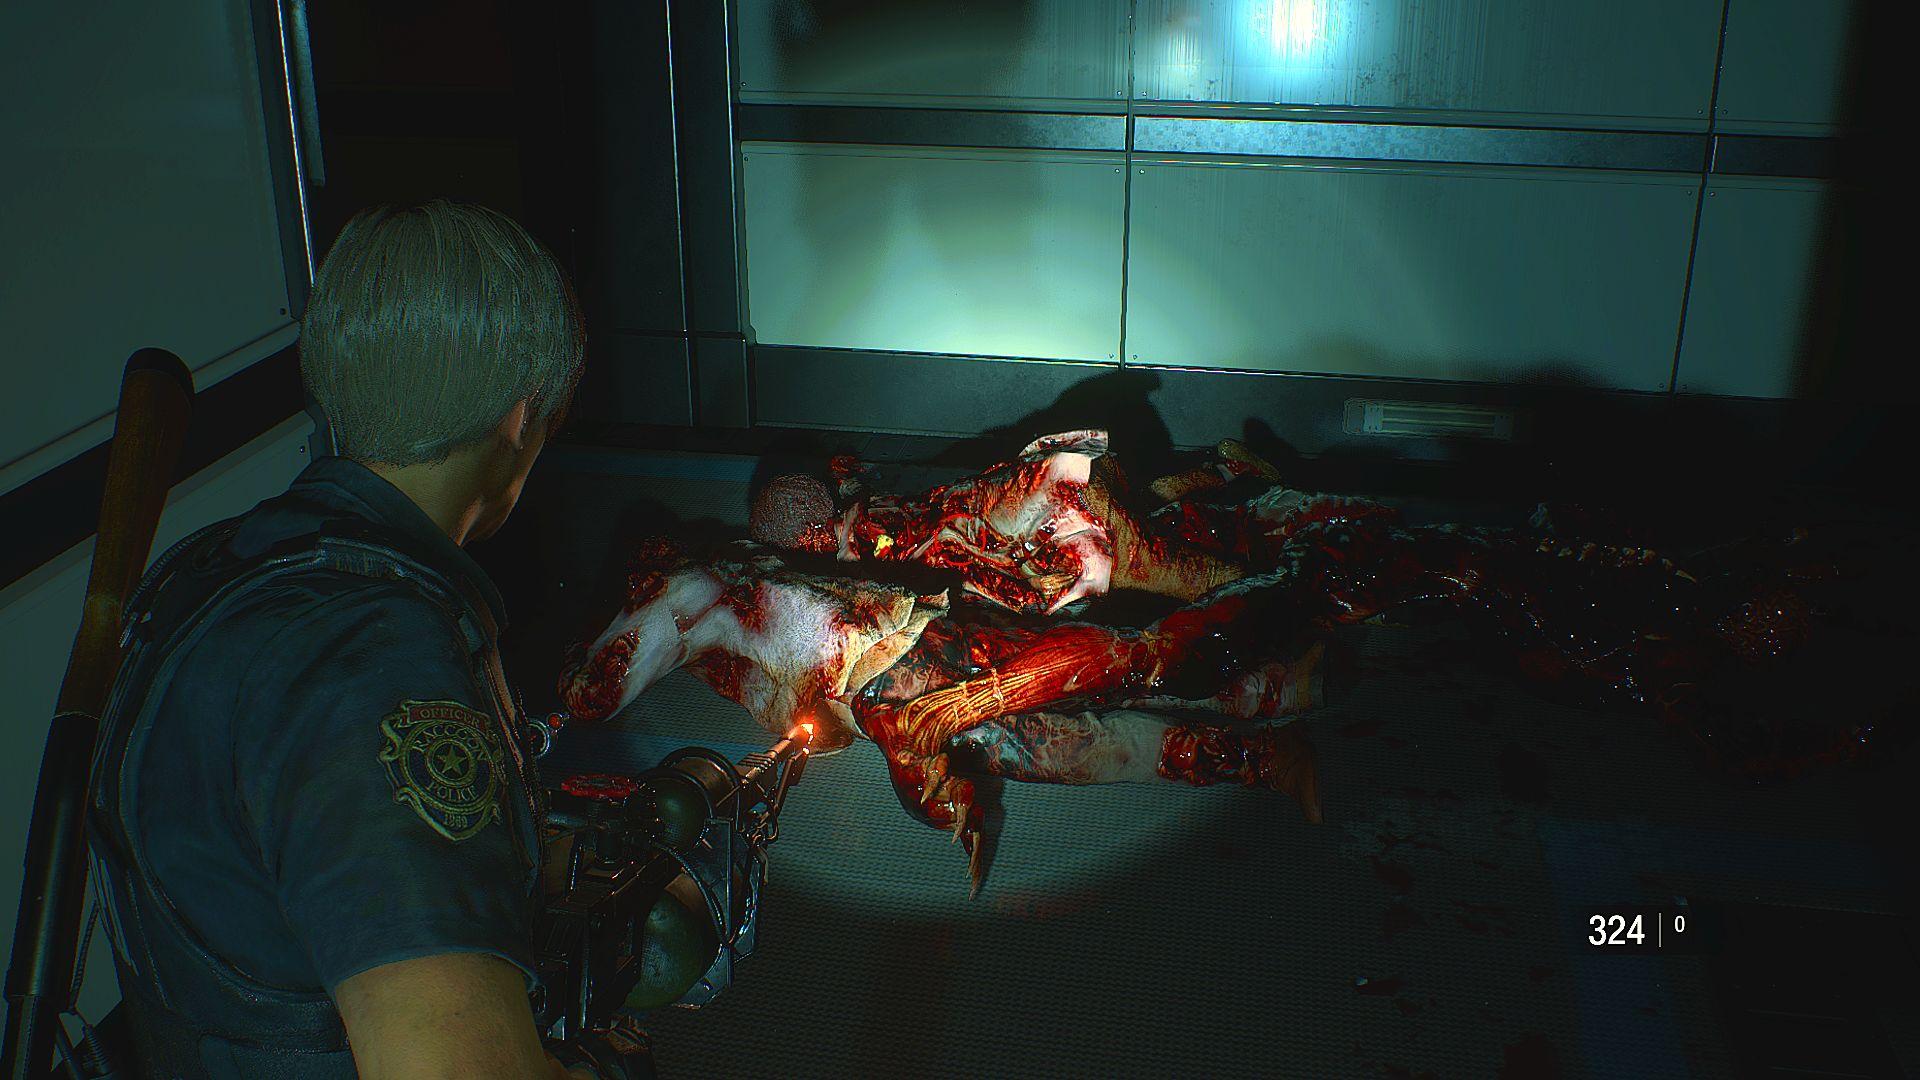 000201.Jpg - Resident Evil 2